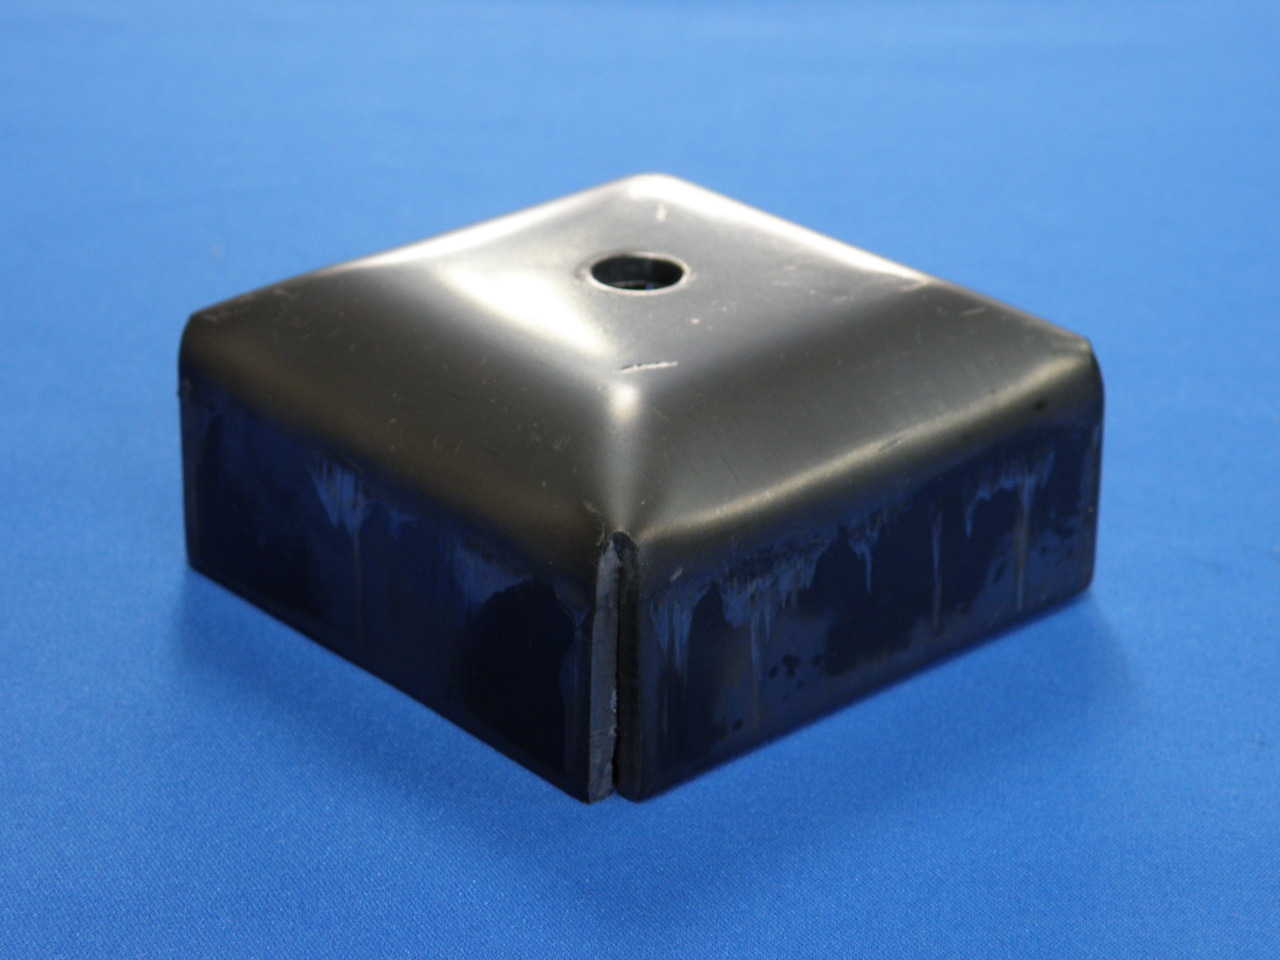 A-7 100角脚皿溶接用(曲げ加工品)画像